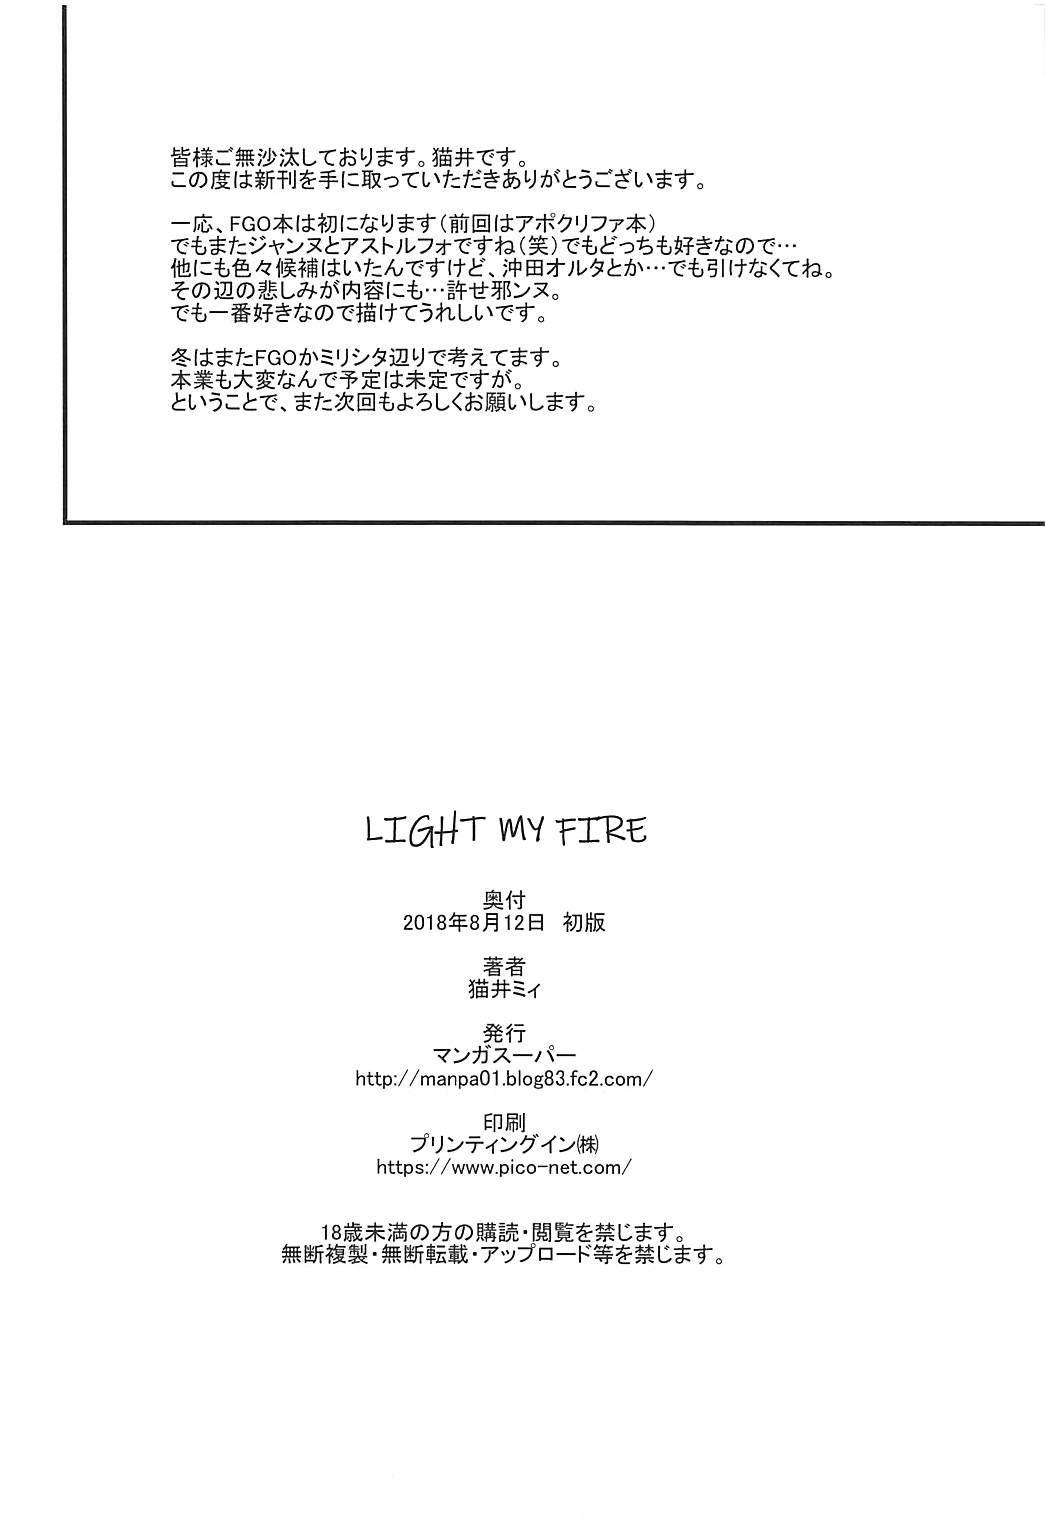 LIGHT MY FIRE 24